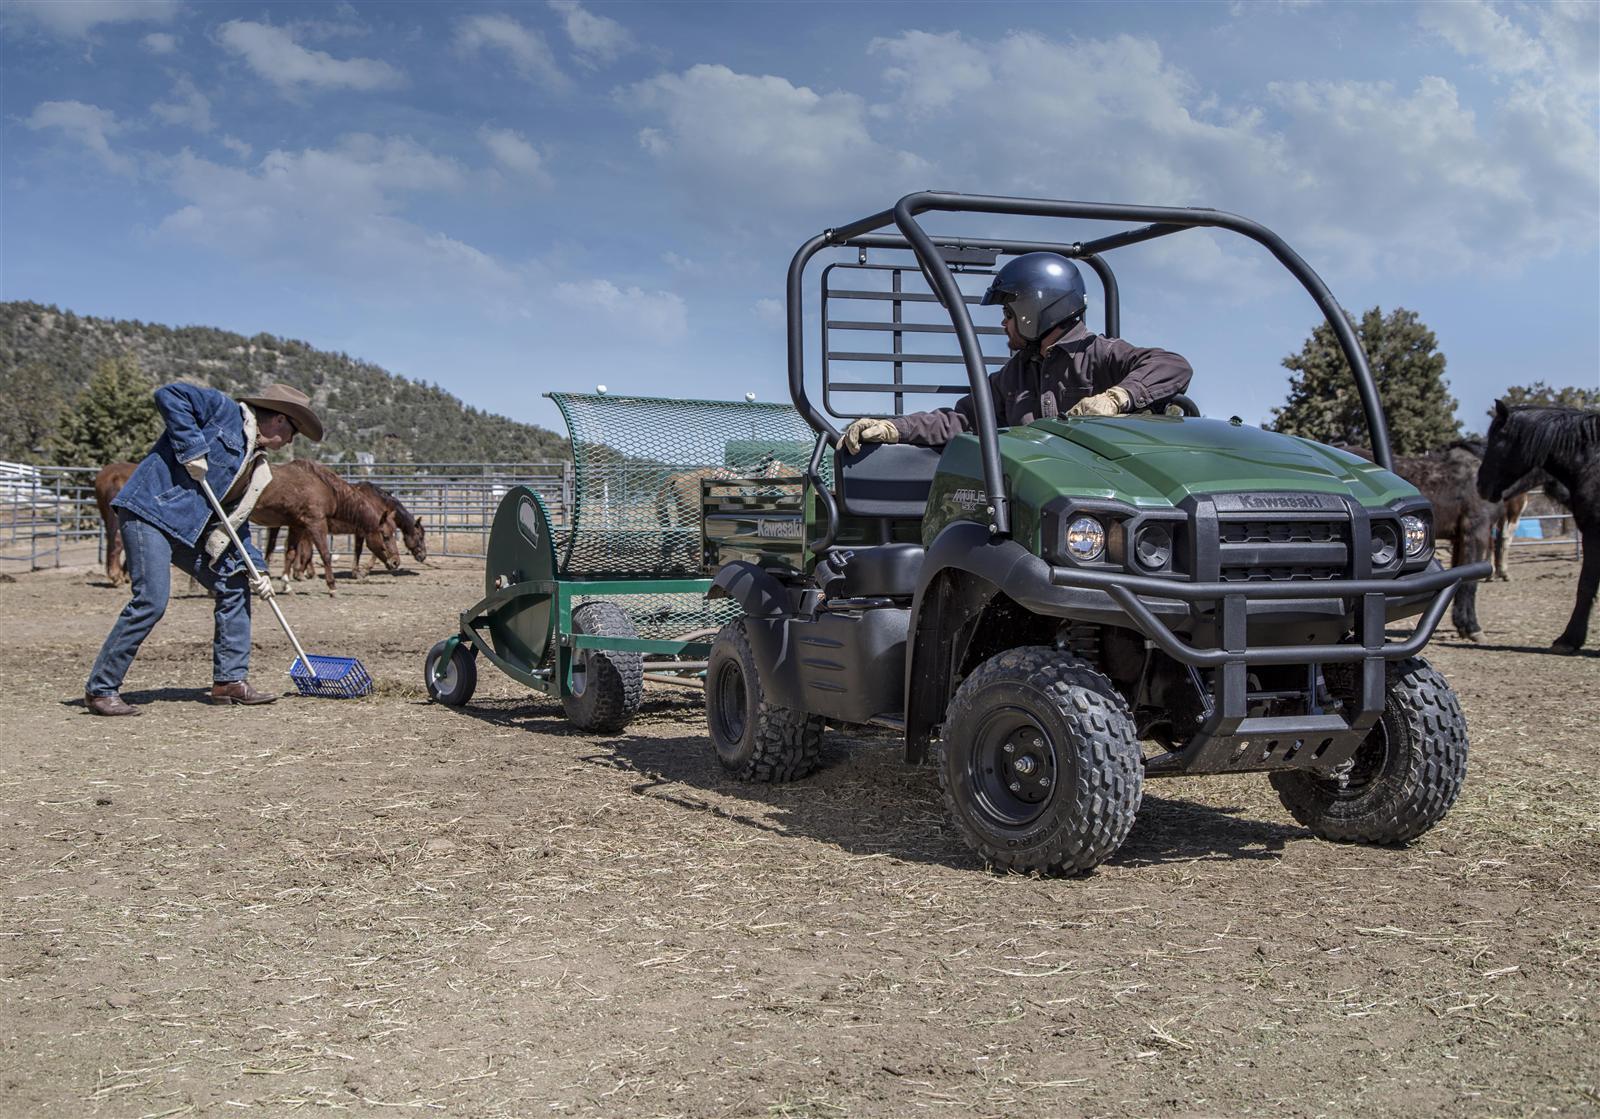 Mule 400